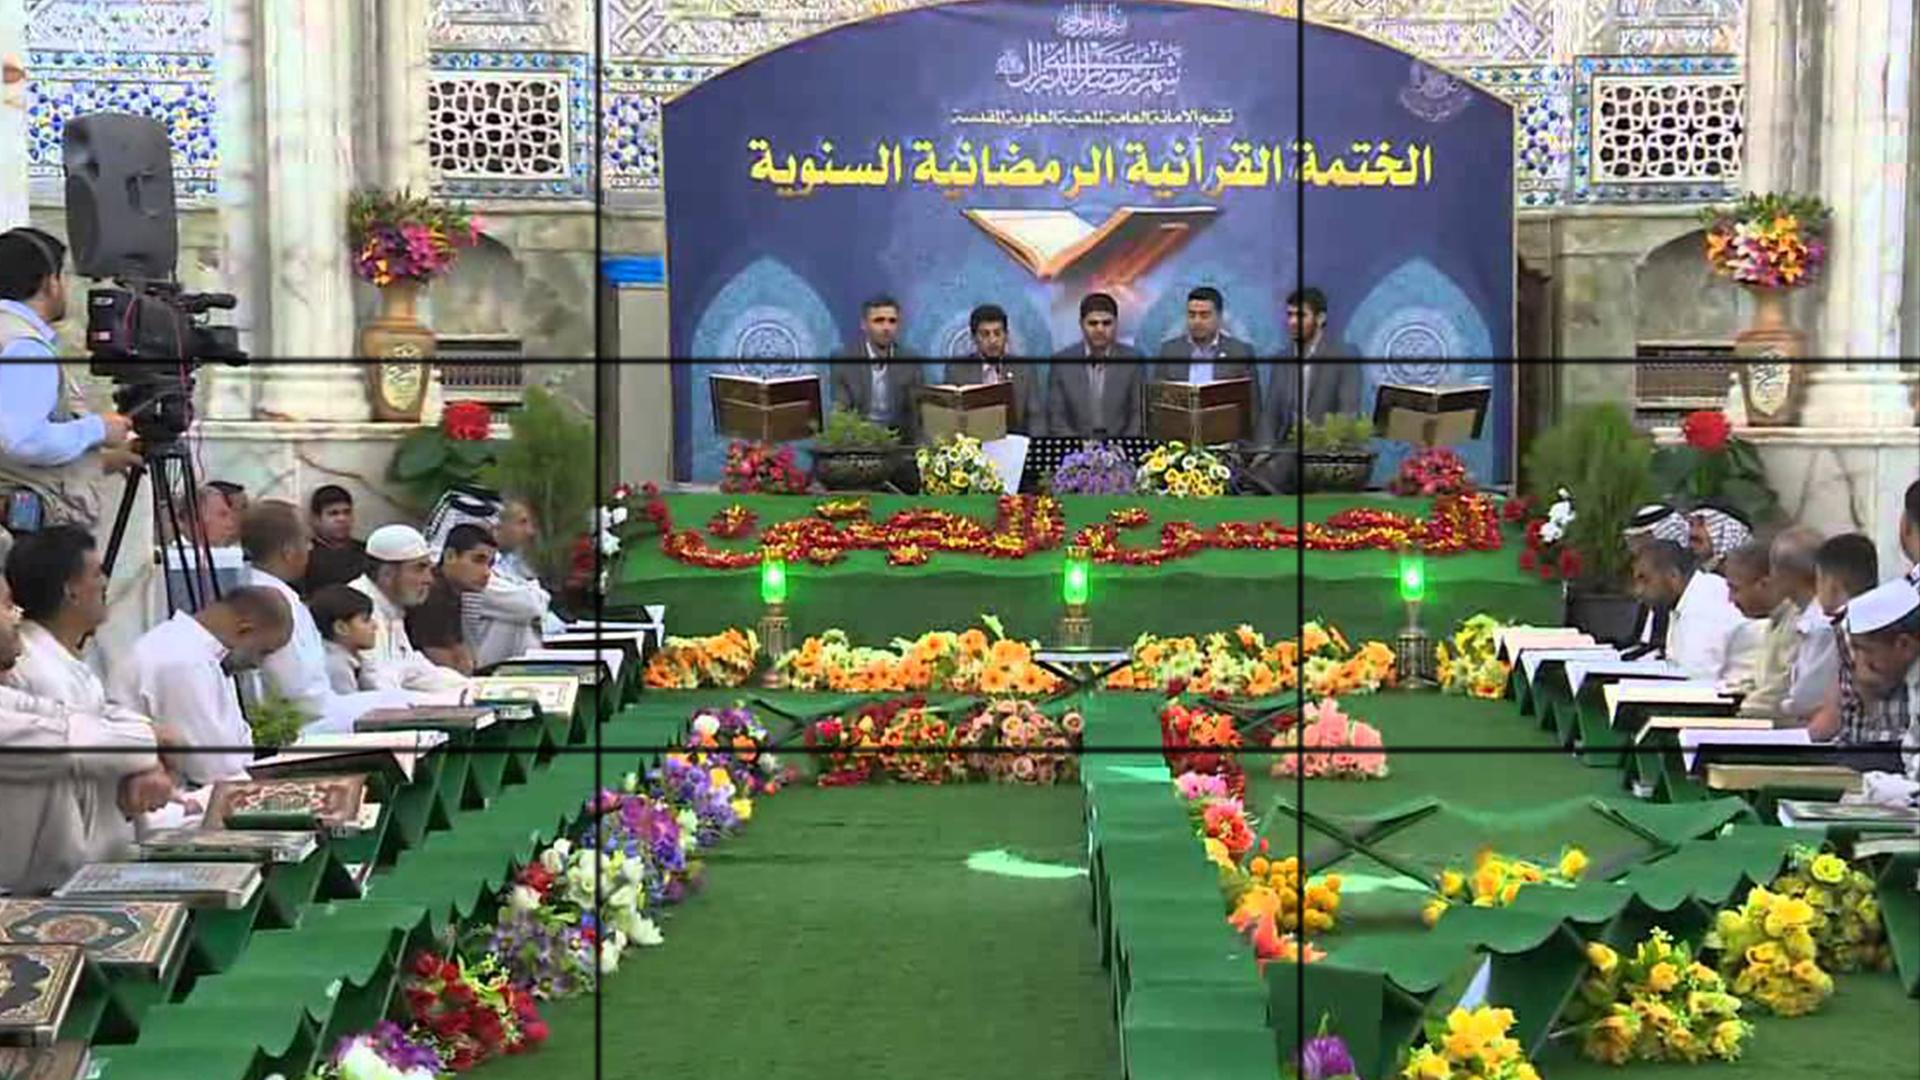 صورة العتبة العلوية تنهي إستعداداتها للبرنامج القرآني في شهر رمضان المبارك